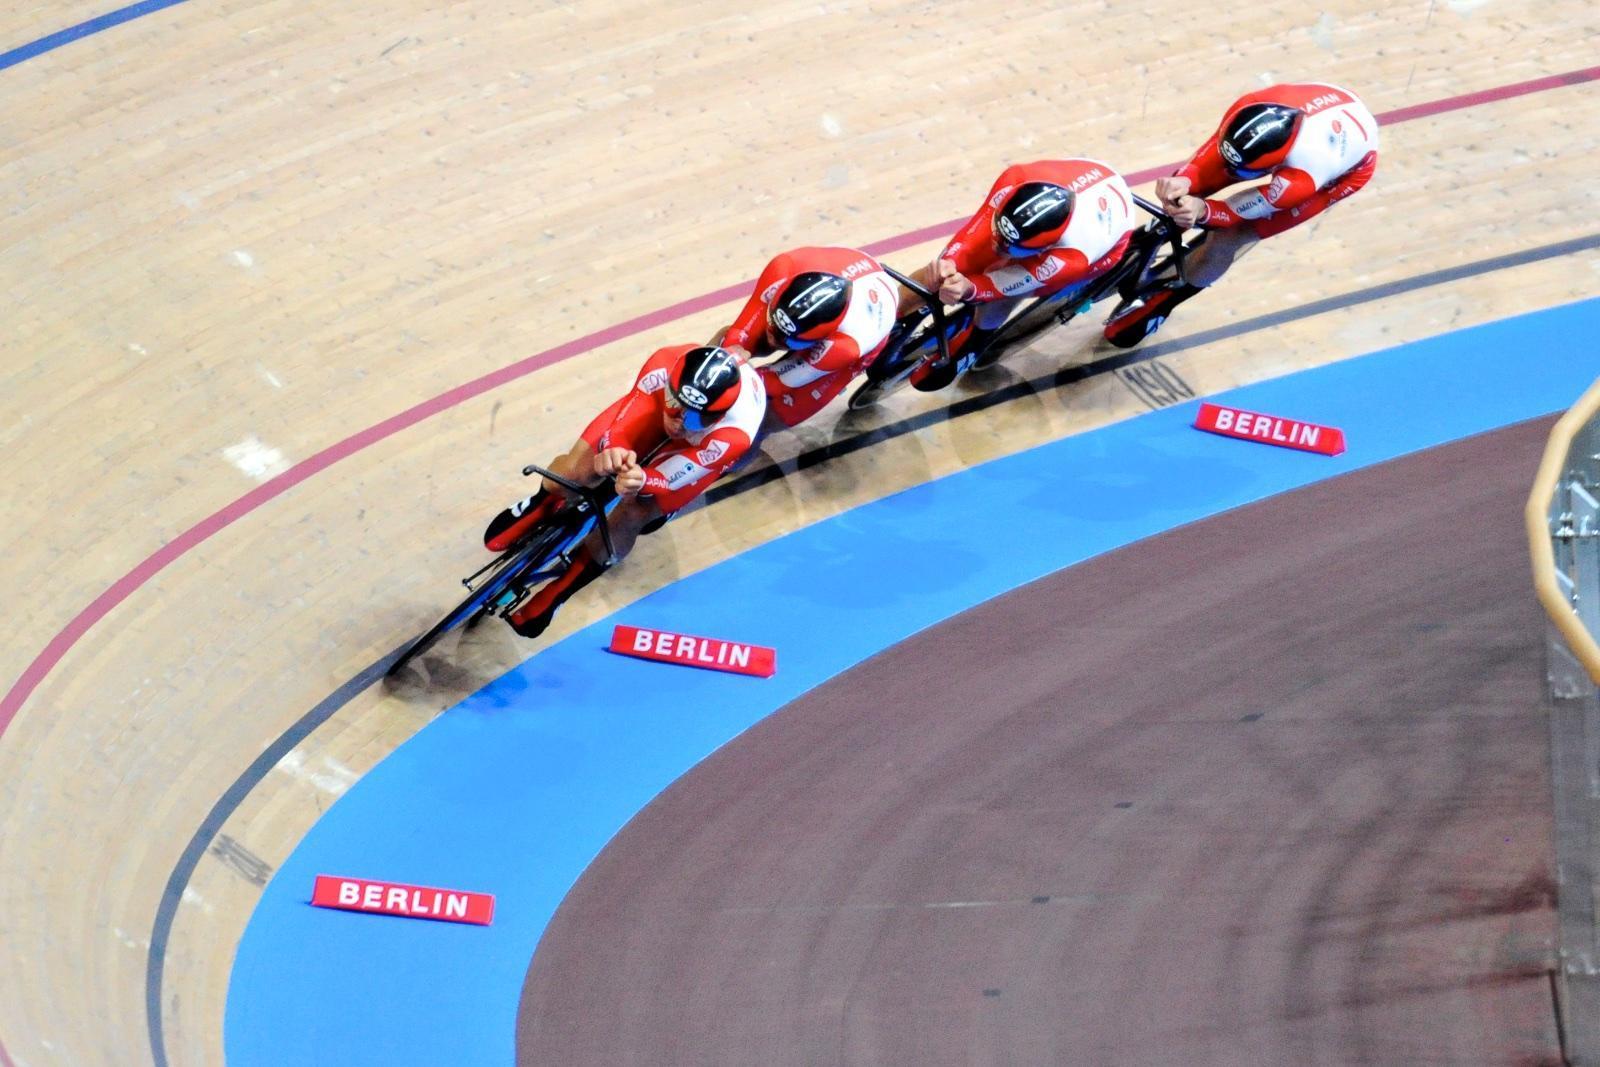 チームパシュート/日本記録を3秒以上更新するも、東京2020オリンピックへの挑戦をここで終える【2020UCIトラック世界選手権】